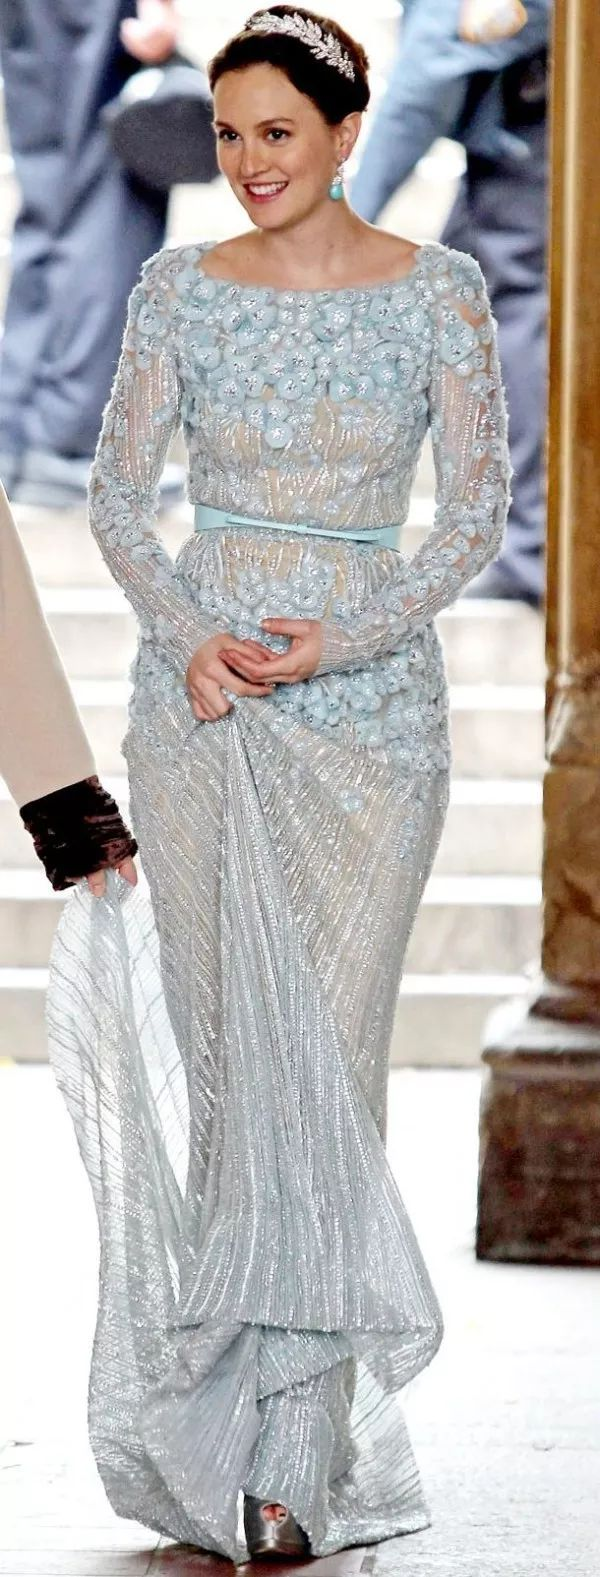 Segundo vestido de noiva da Blair em Gossip Girl. Vestido azul claro todo bordado e com detalhes. Marca: Elie Saab